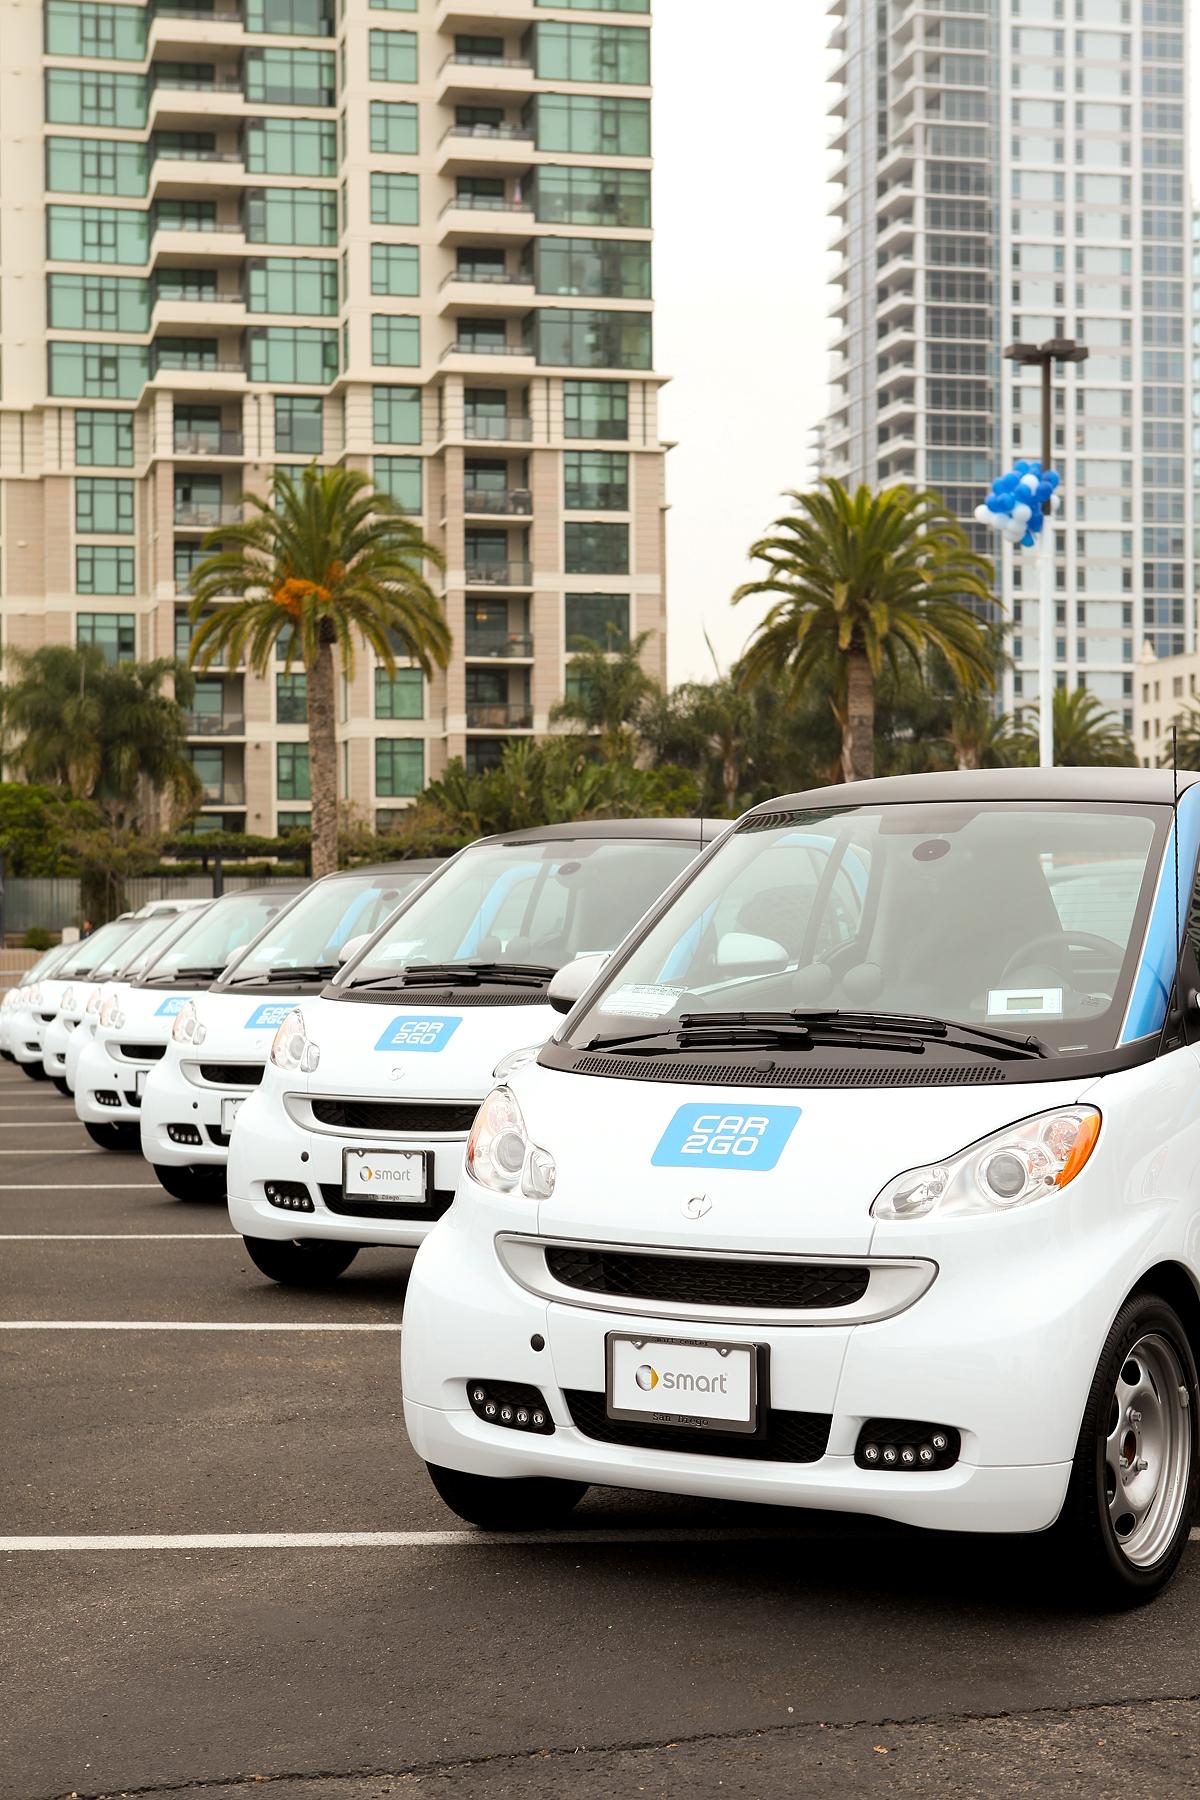 Smart Car Rental >> Car2go Electric Car Rentals Top 6 000 Registrations In 100 Days